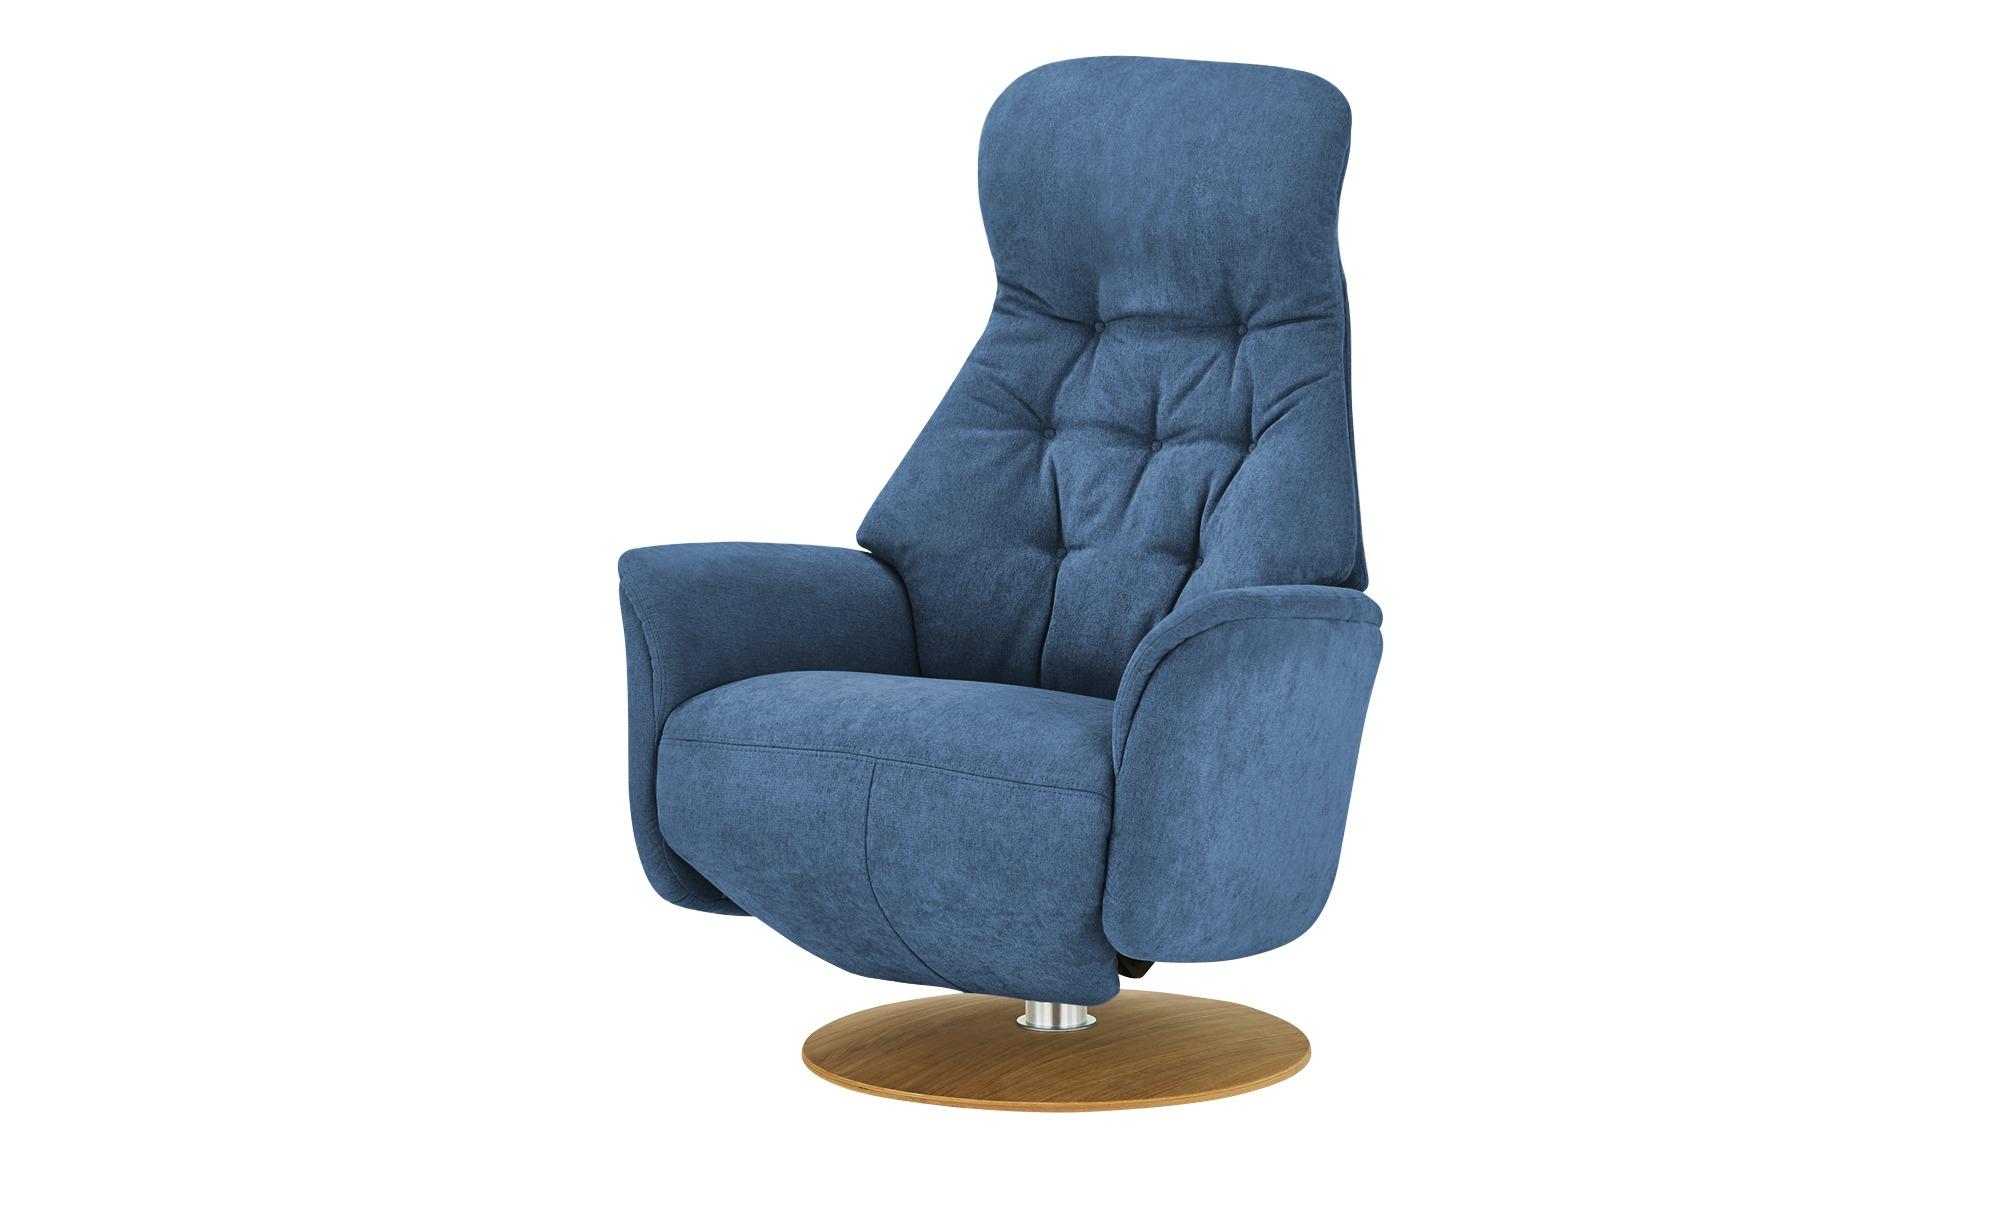 Nils Olsen Relaxsessel  Arend ¦ blau ¦ Maße (cm): B: 74 H: 110 T: 80 Polstermöbel > Sessel > Fernsehsessel - Höffner